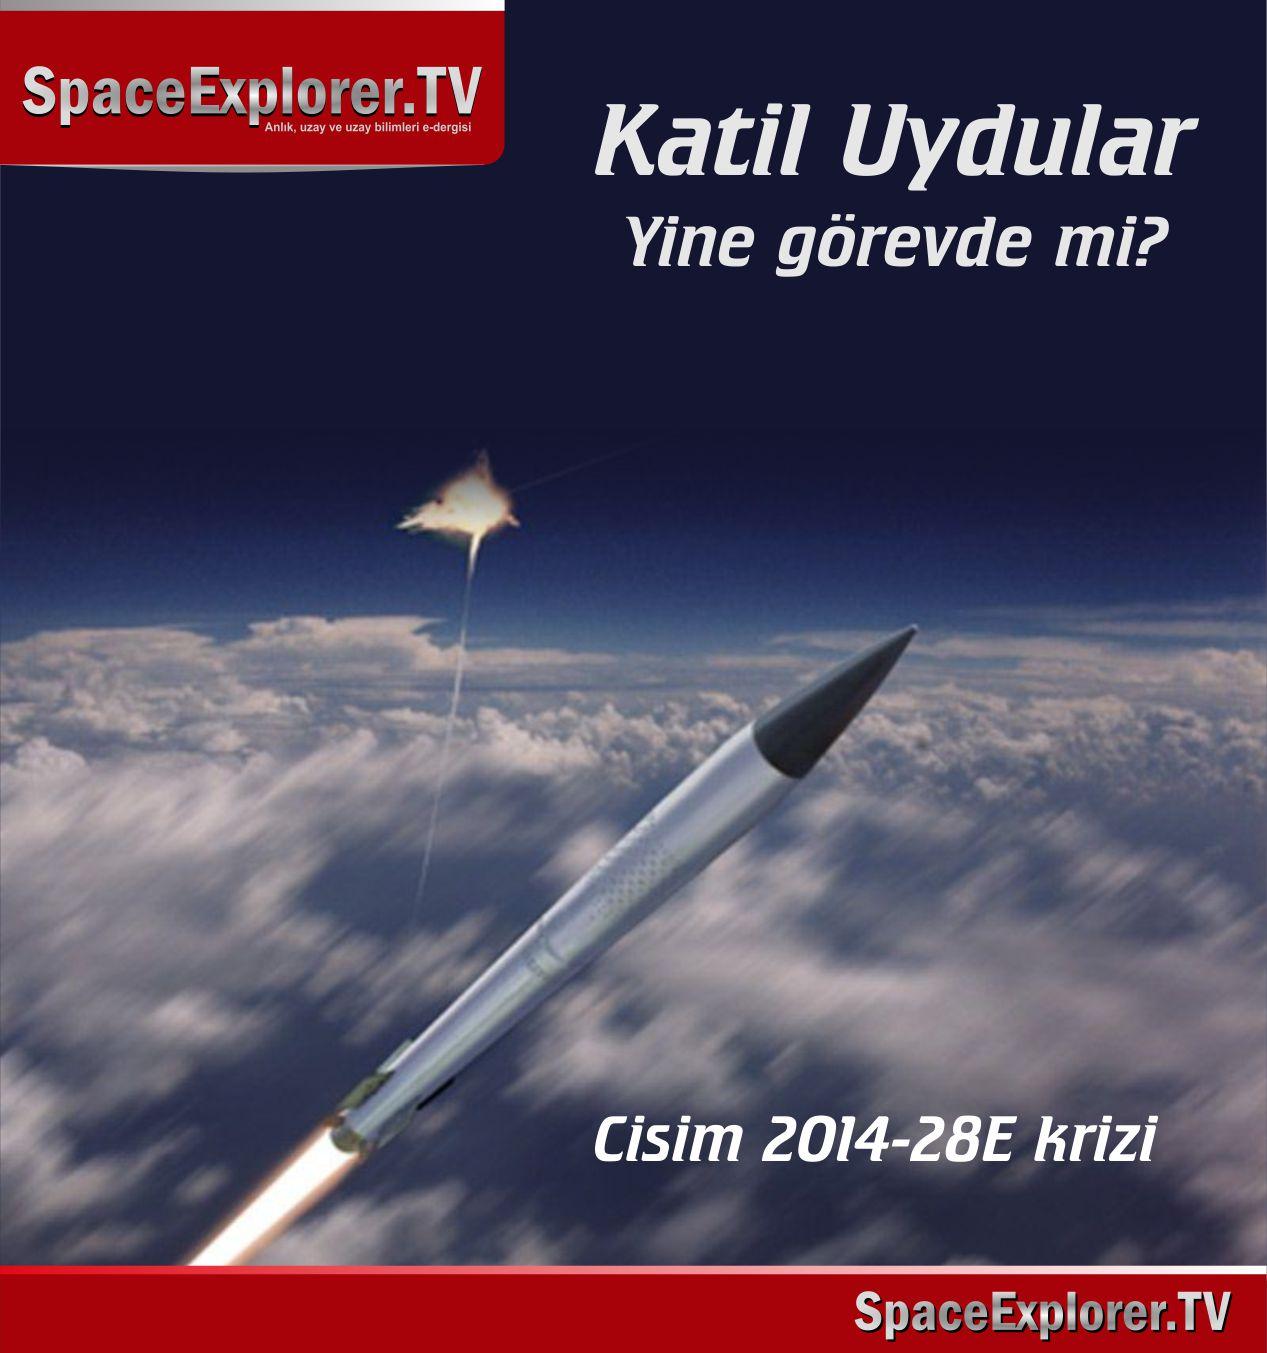 Katil uydu, Rusya, ABD, Şangay Birliği, Elektromanyetik savaş, e-bomba, Cisim 2014-25E, Uzay savaşları, Kinetik önleme uydusu, Partikül silah sistemleri,